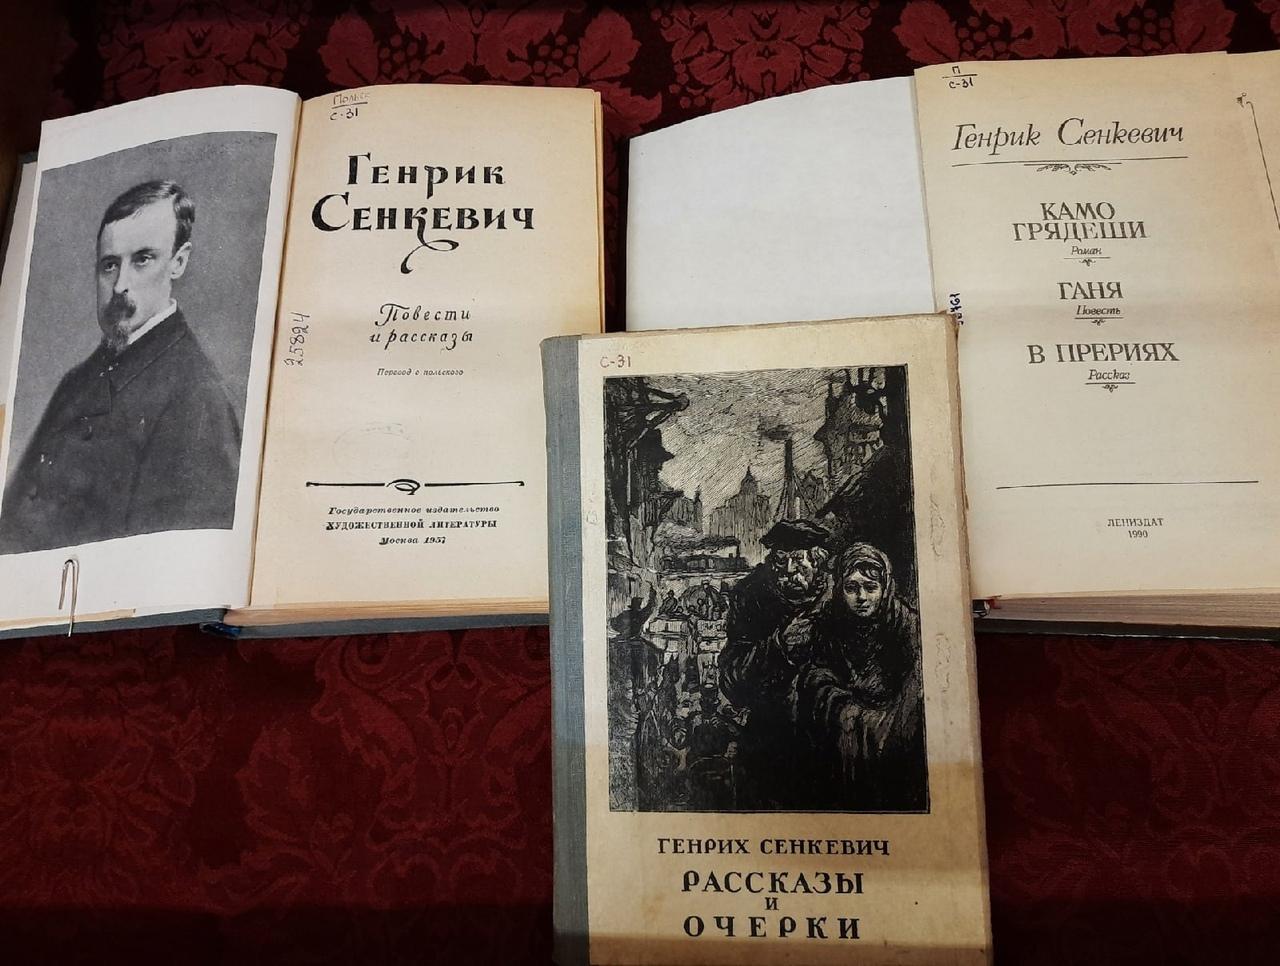 «Классик польской литературы» (к 175-летию со дня рождения Г. Сенкевича)